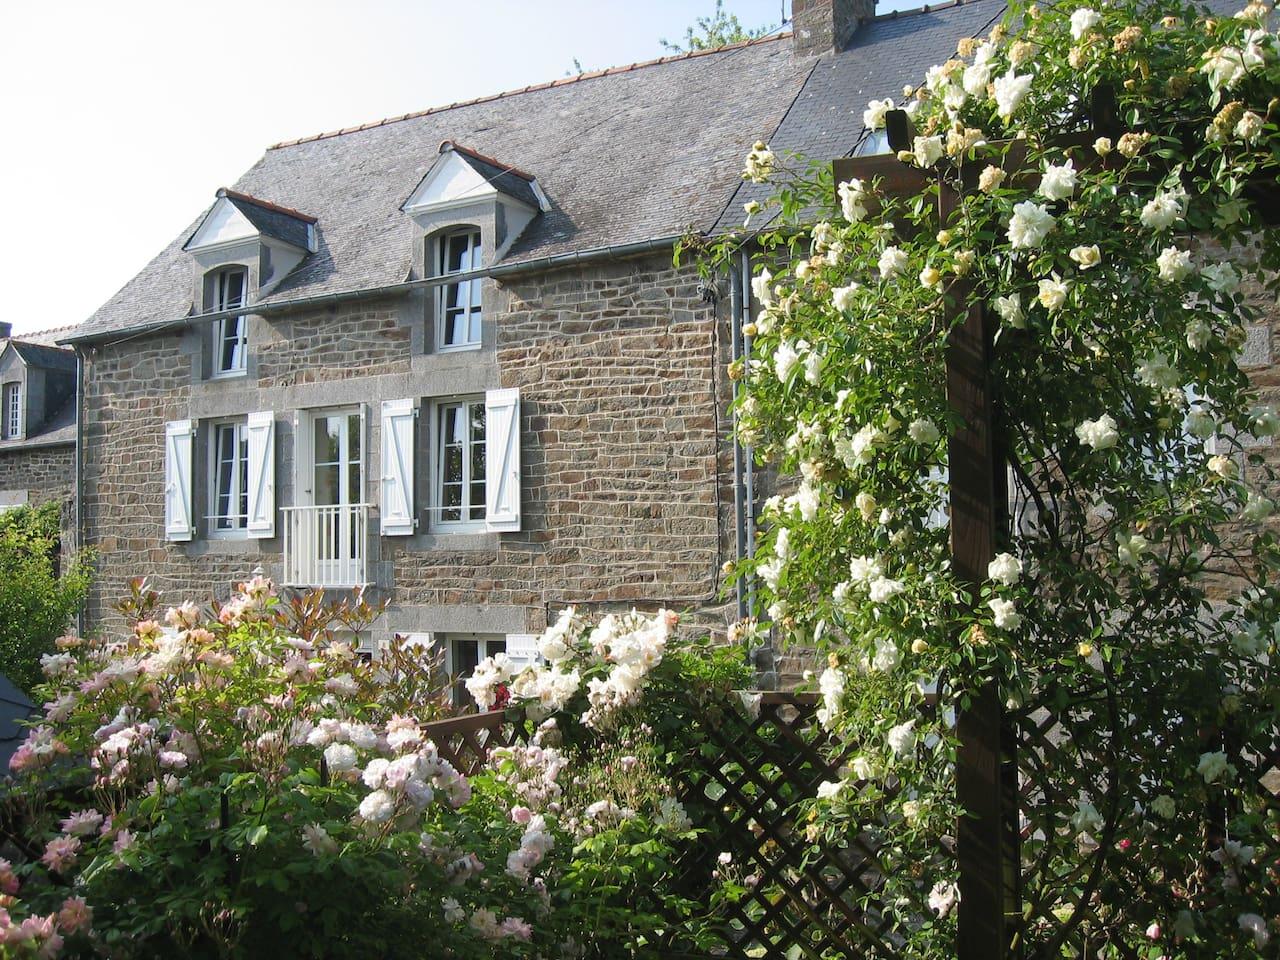 Façade de la maison vue depuis la roseraie